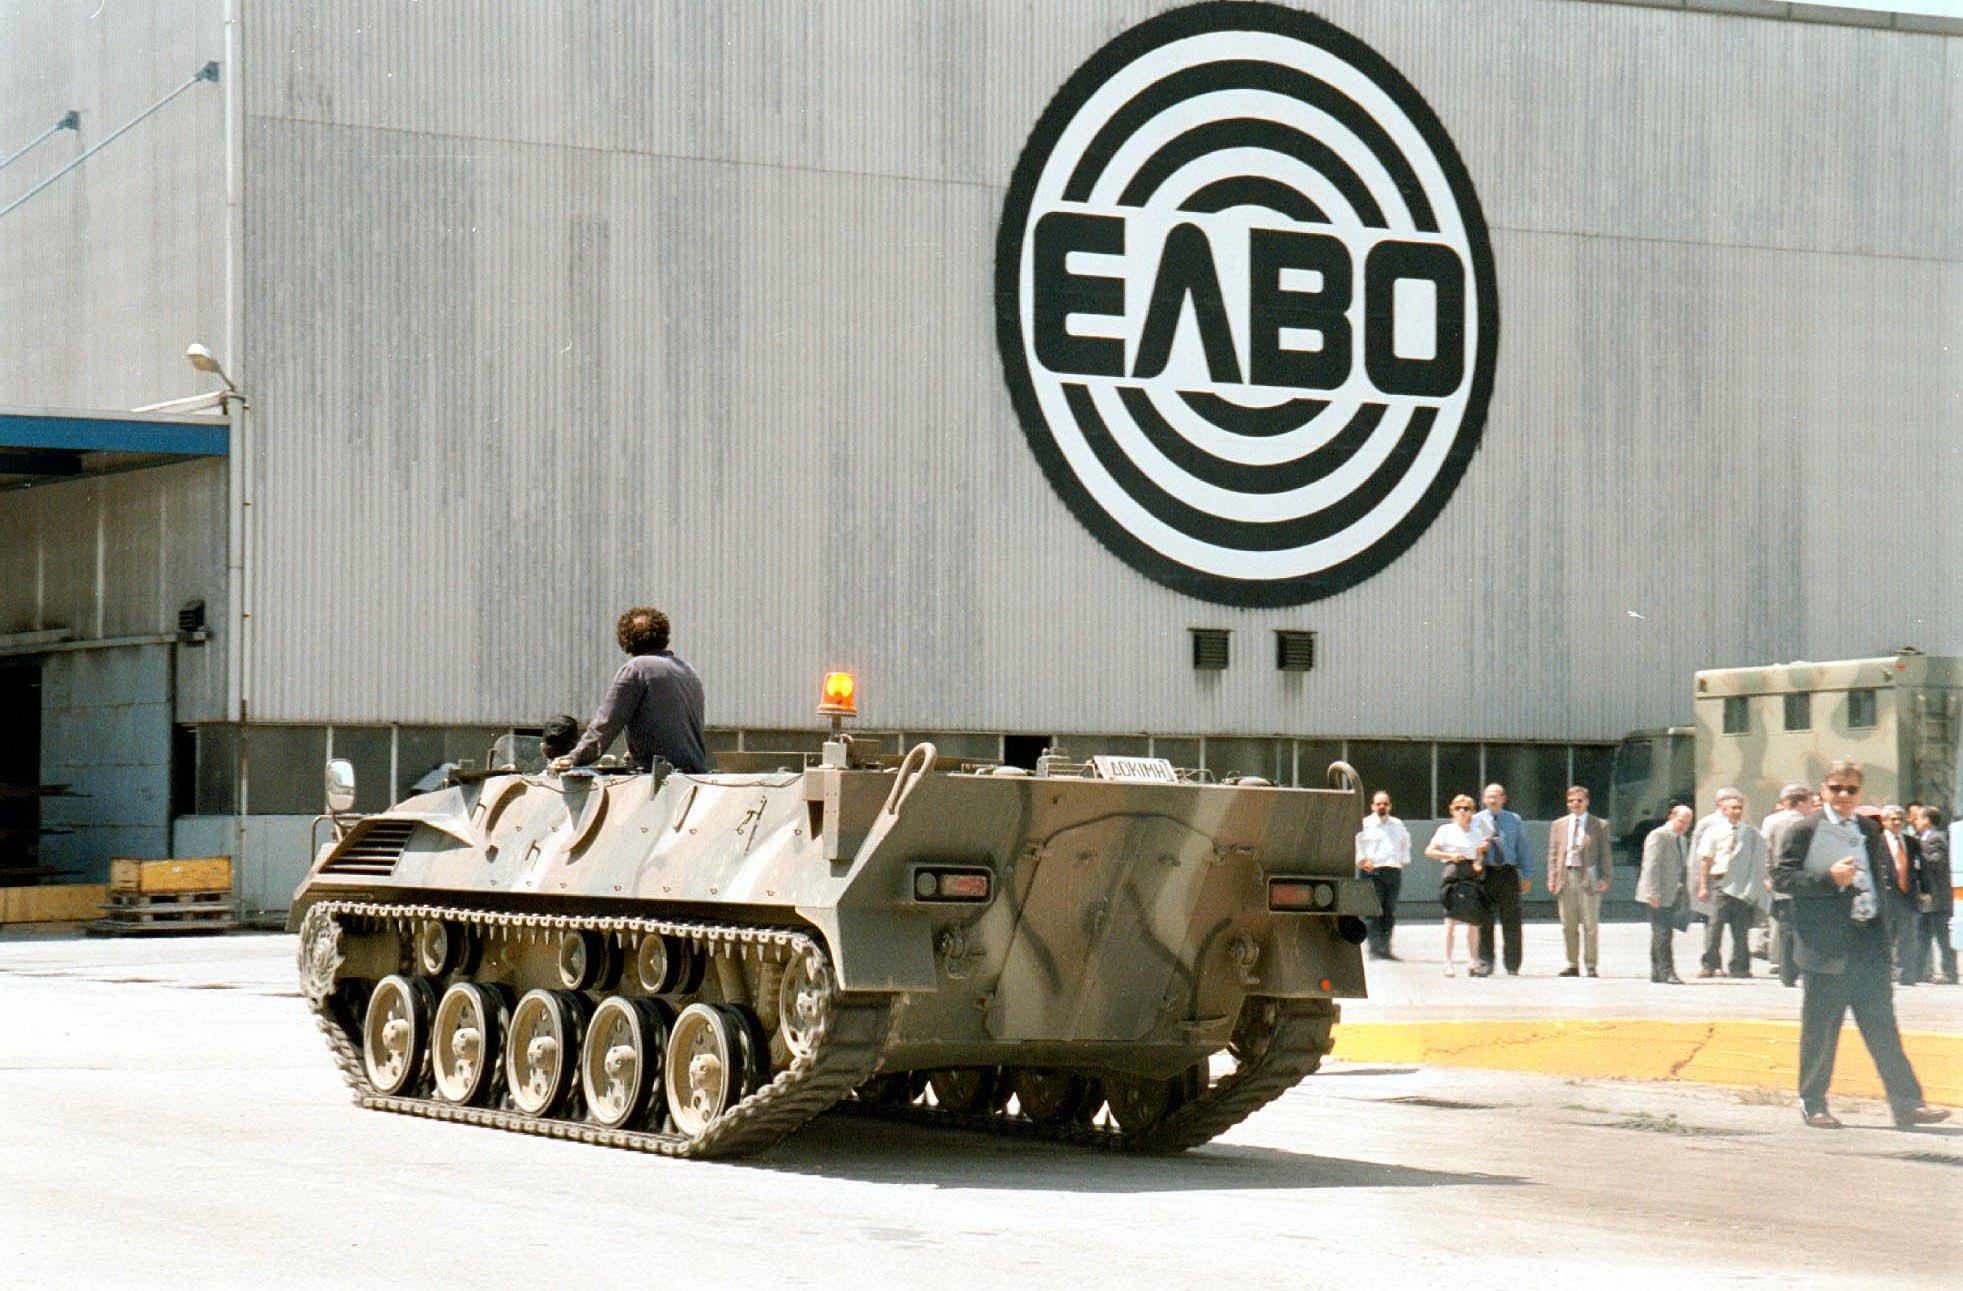 Νάρκη για την κυβέρνηση οι αμυντικές βιομηχανίες